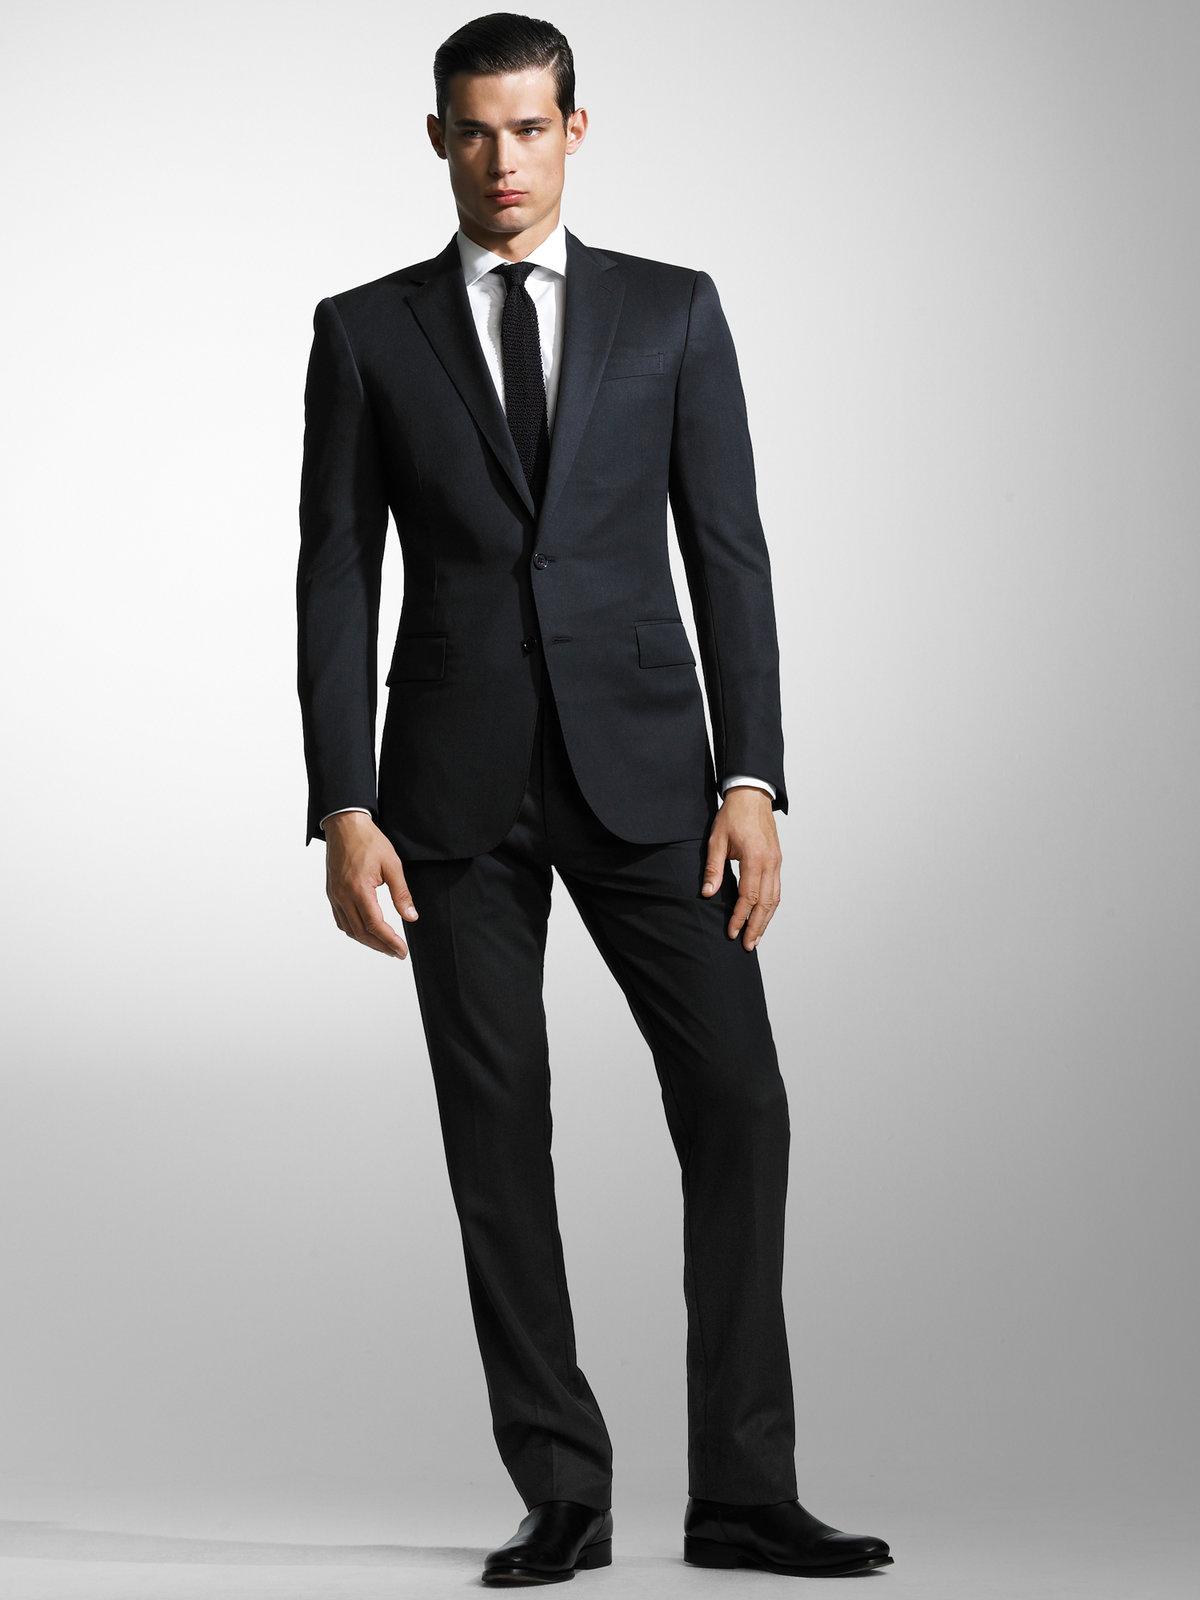 цену офисные костюмы для мужчин фото подобного